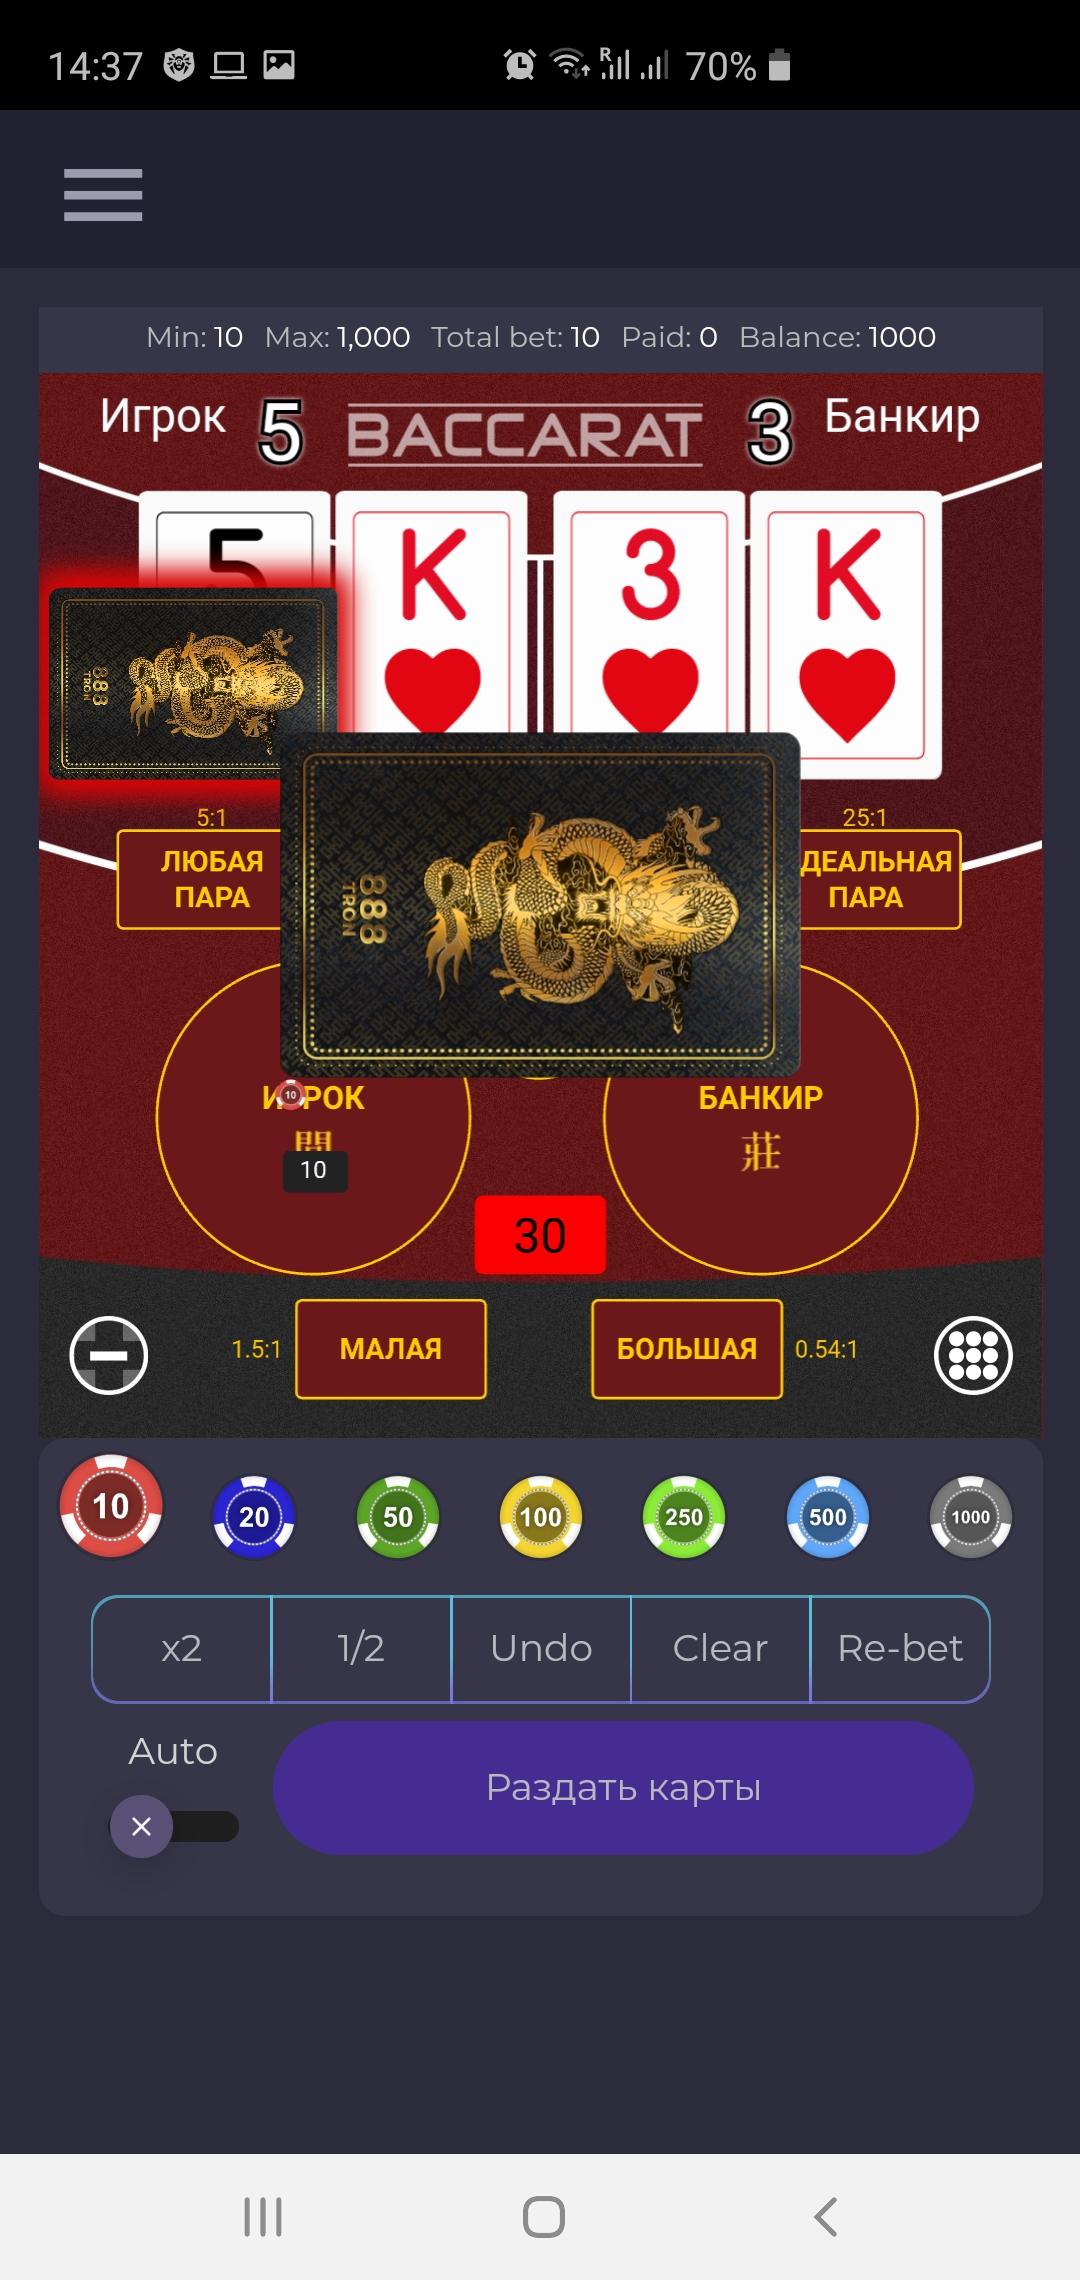 Мобильная игра для казино: карточная игра Баккара